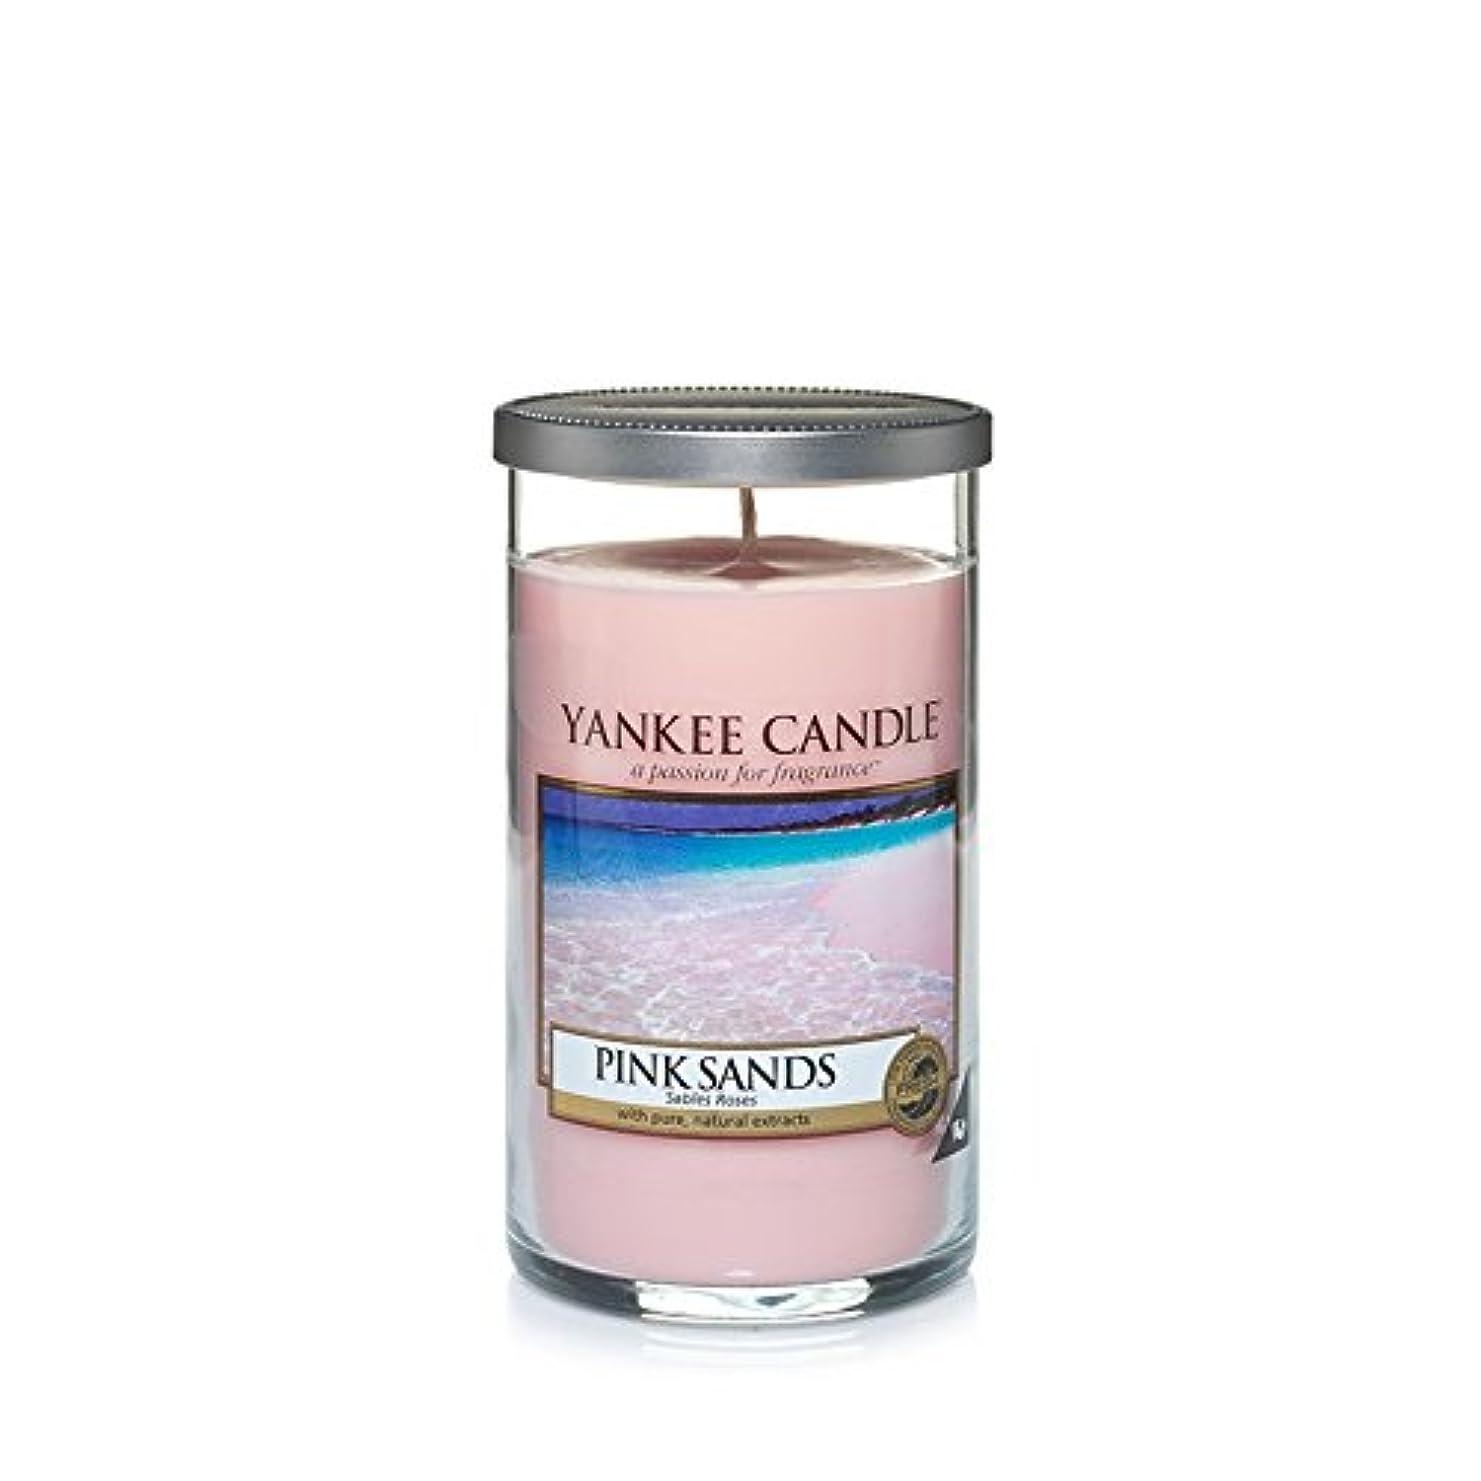 オートマトン楕円形すり減るYankee Candles Medium Pillar Candle - Pink Sands? (Pack of 6) - ヤンキーキャンドルメディアピラーキャンドル - ピンクの砂? (x6) [並行輸入品]